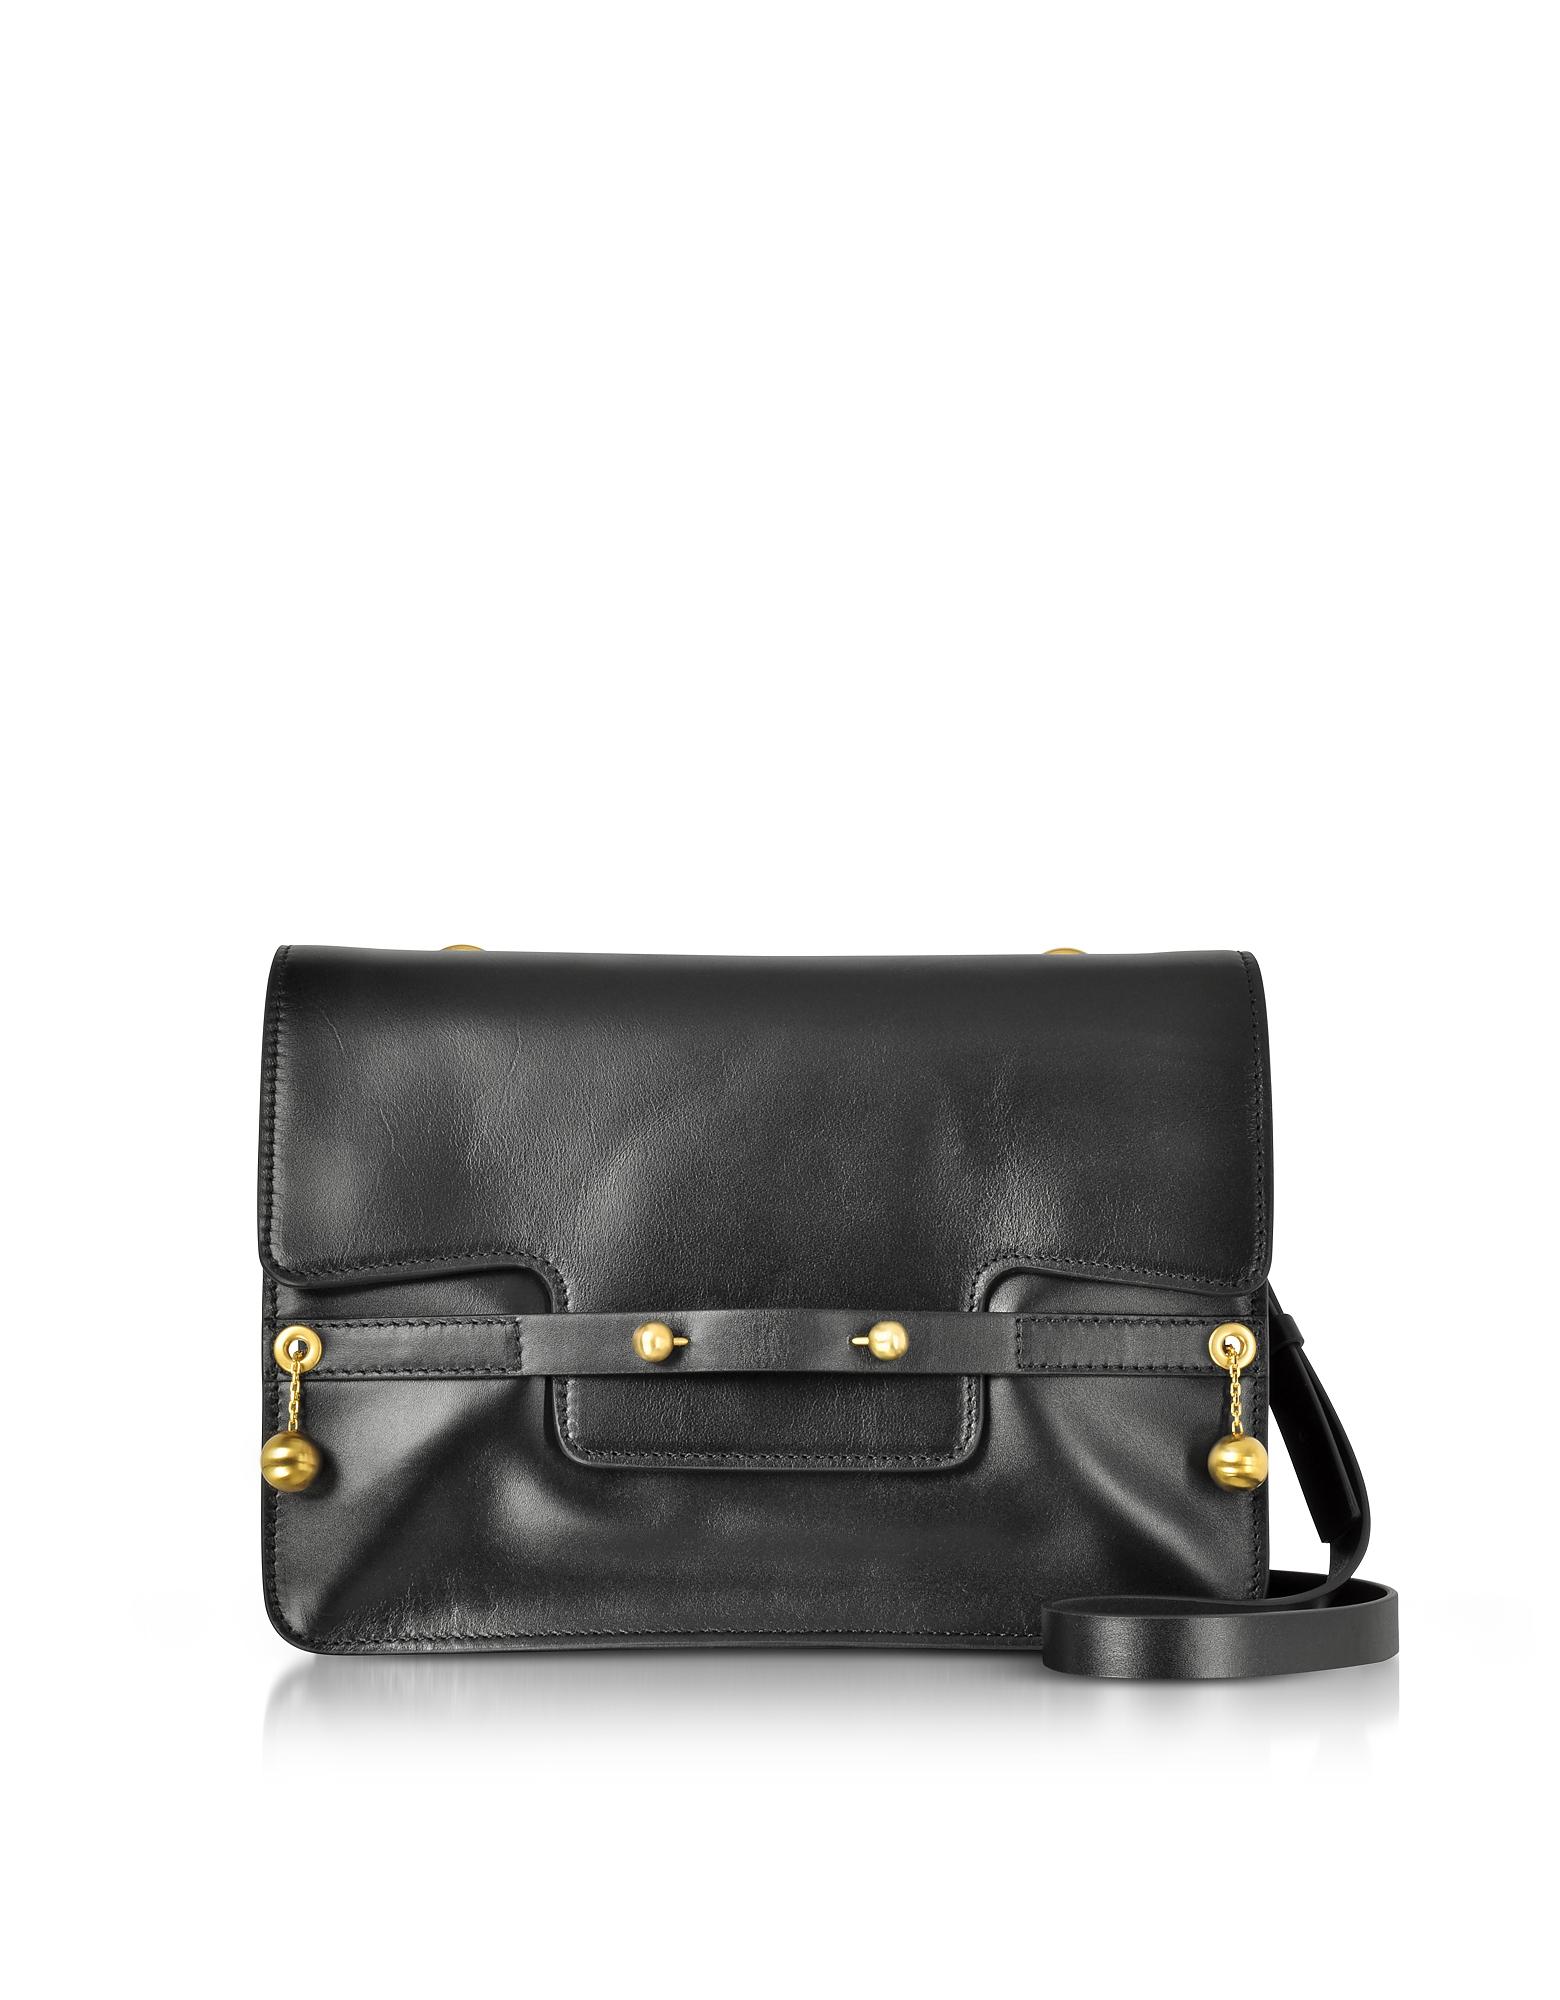 RED Valentino Black Leather Shoulder Bag w Goldtone Piercing 22d821318ec9a